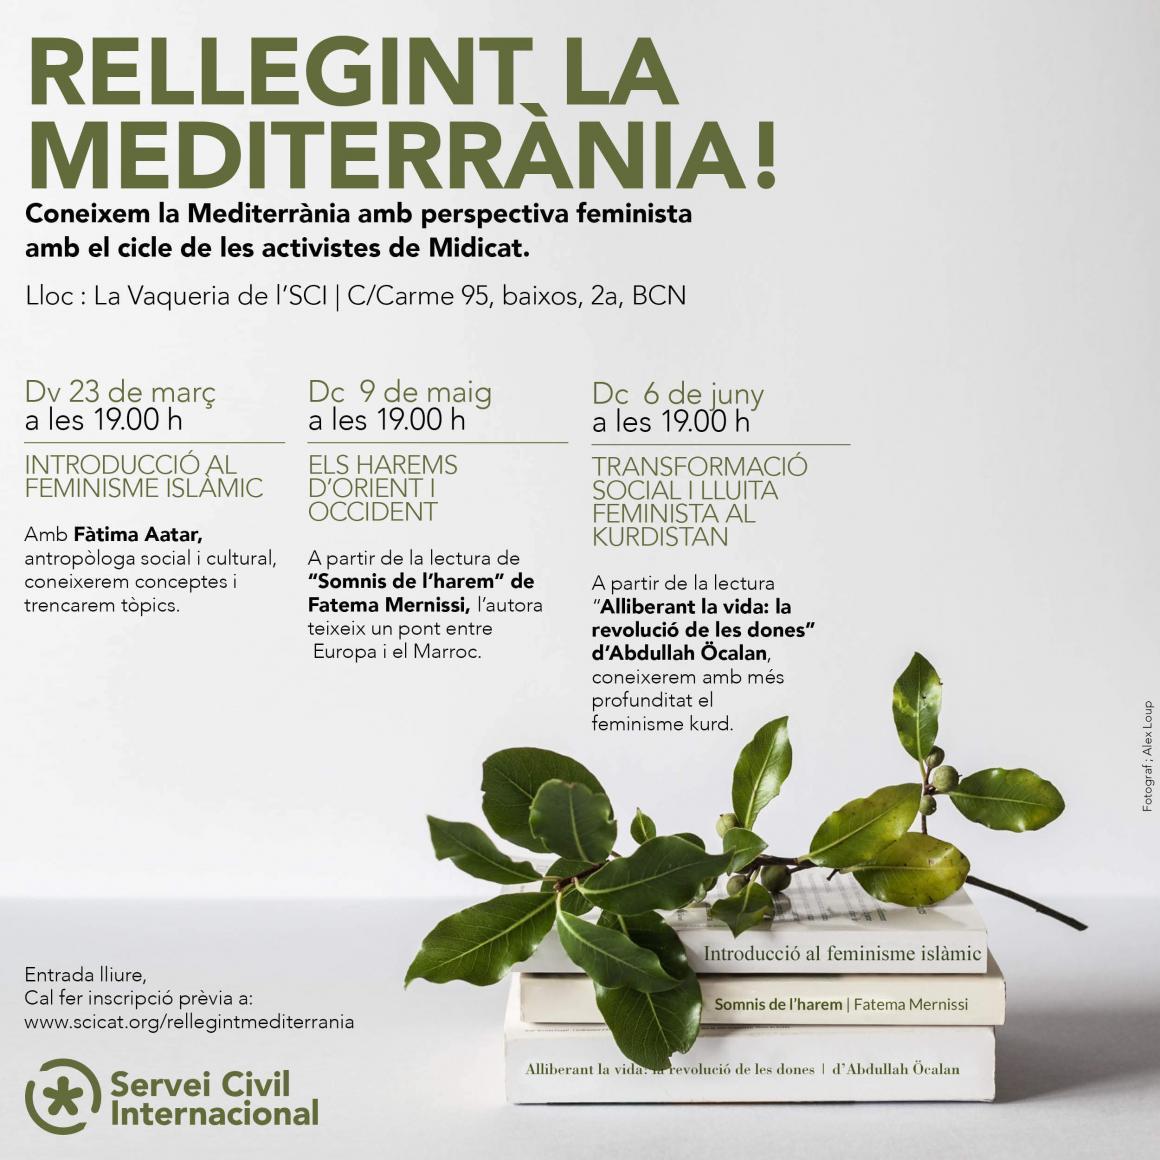 Club de lectura: Rellegint la mediterrània!